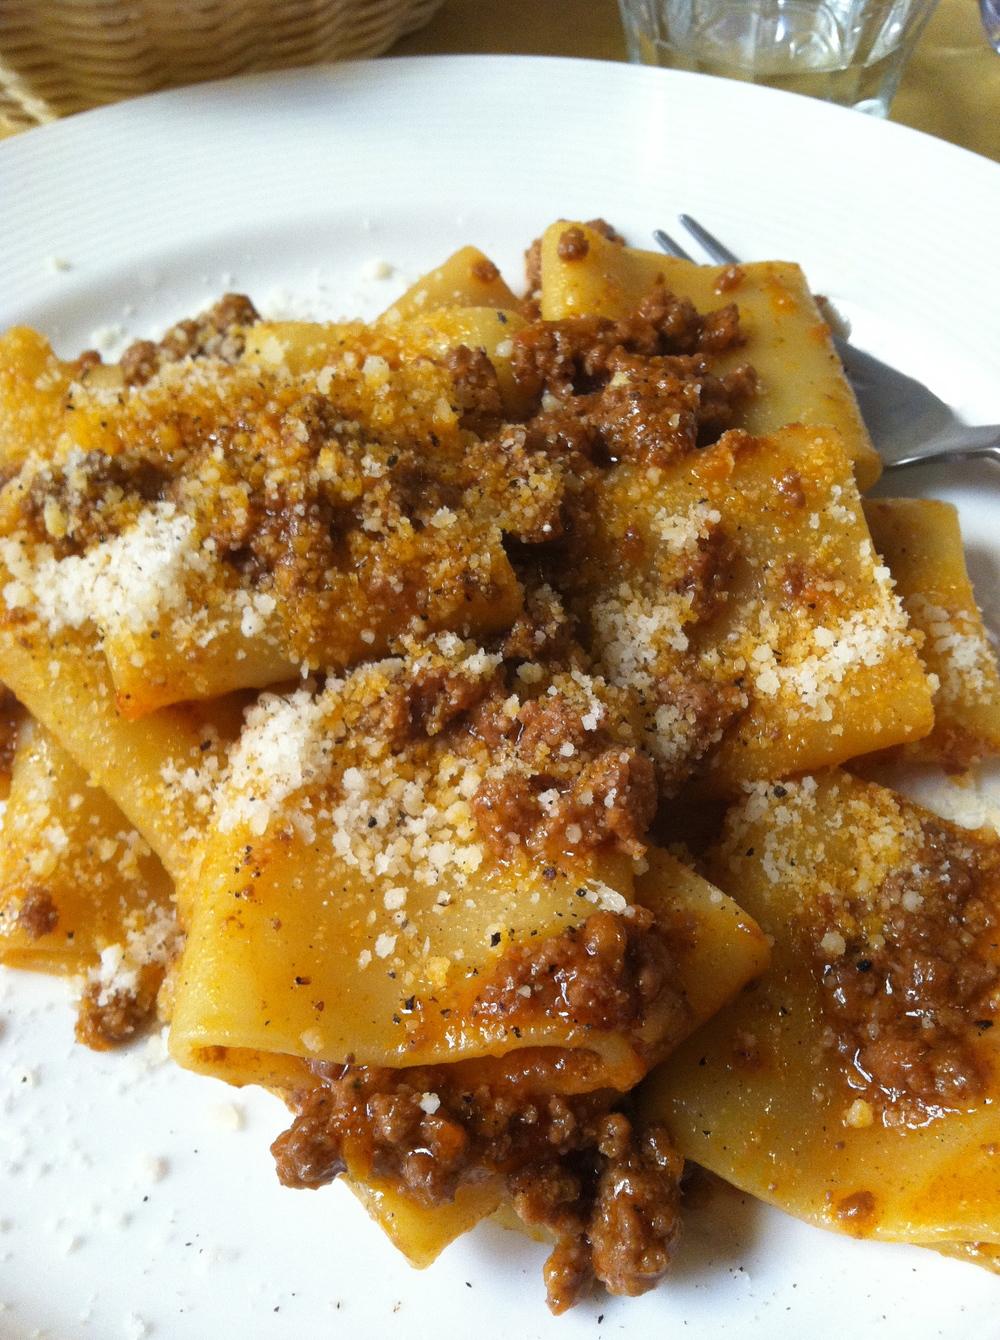 bolognese on paccheri pasta